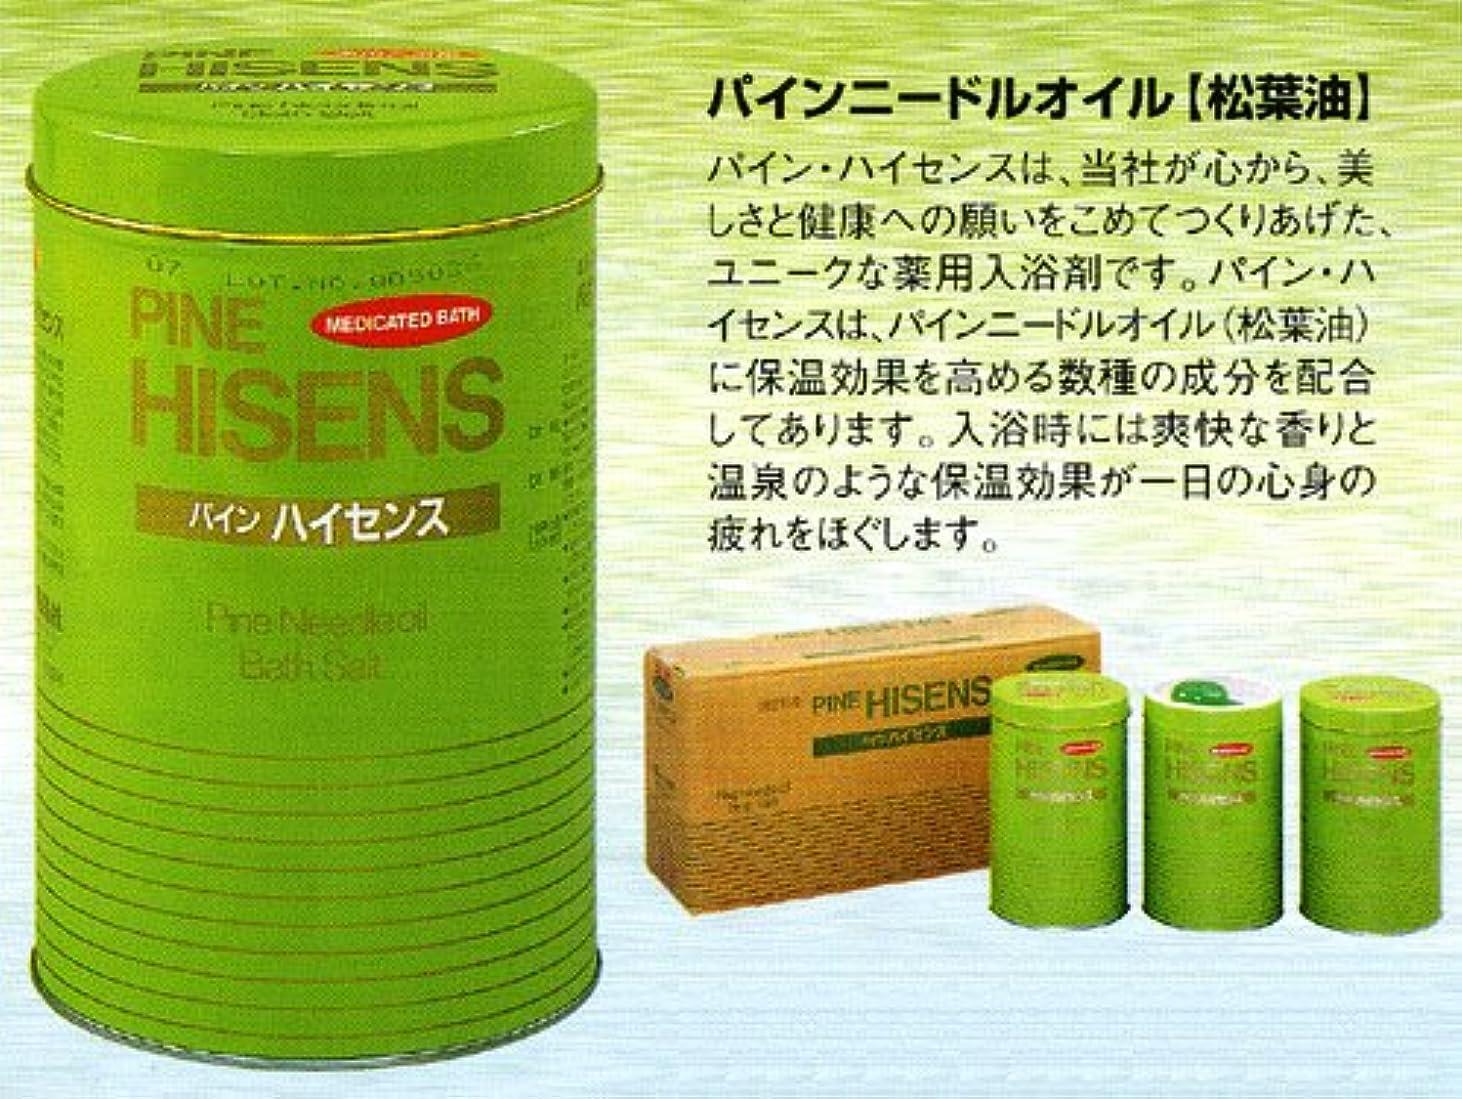 累計中央値忌み嫌う高陽社 薬用入浴剤 パインハイセンス 2.1kg 3缶セット